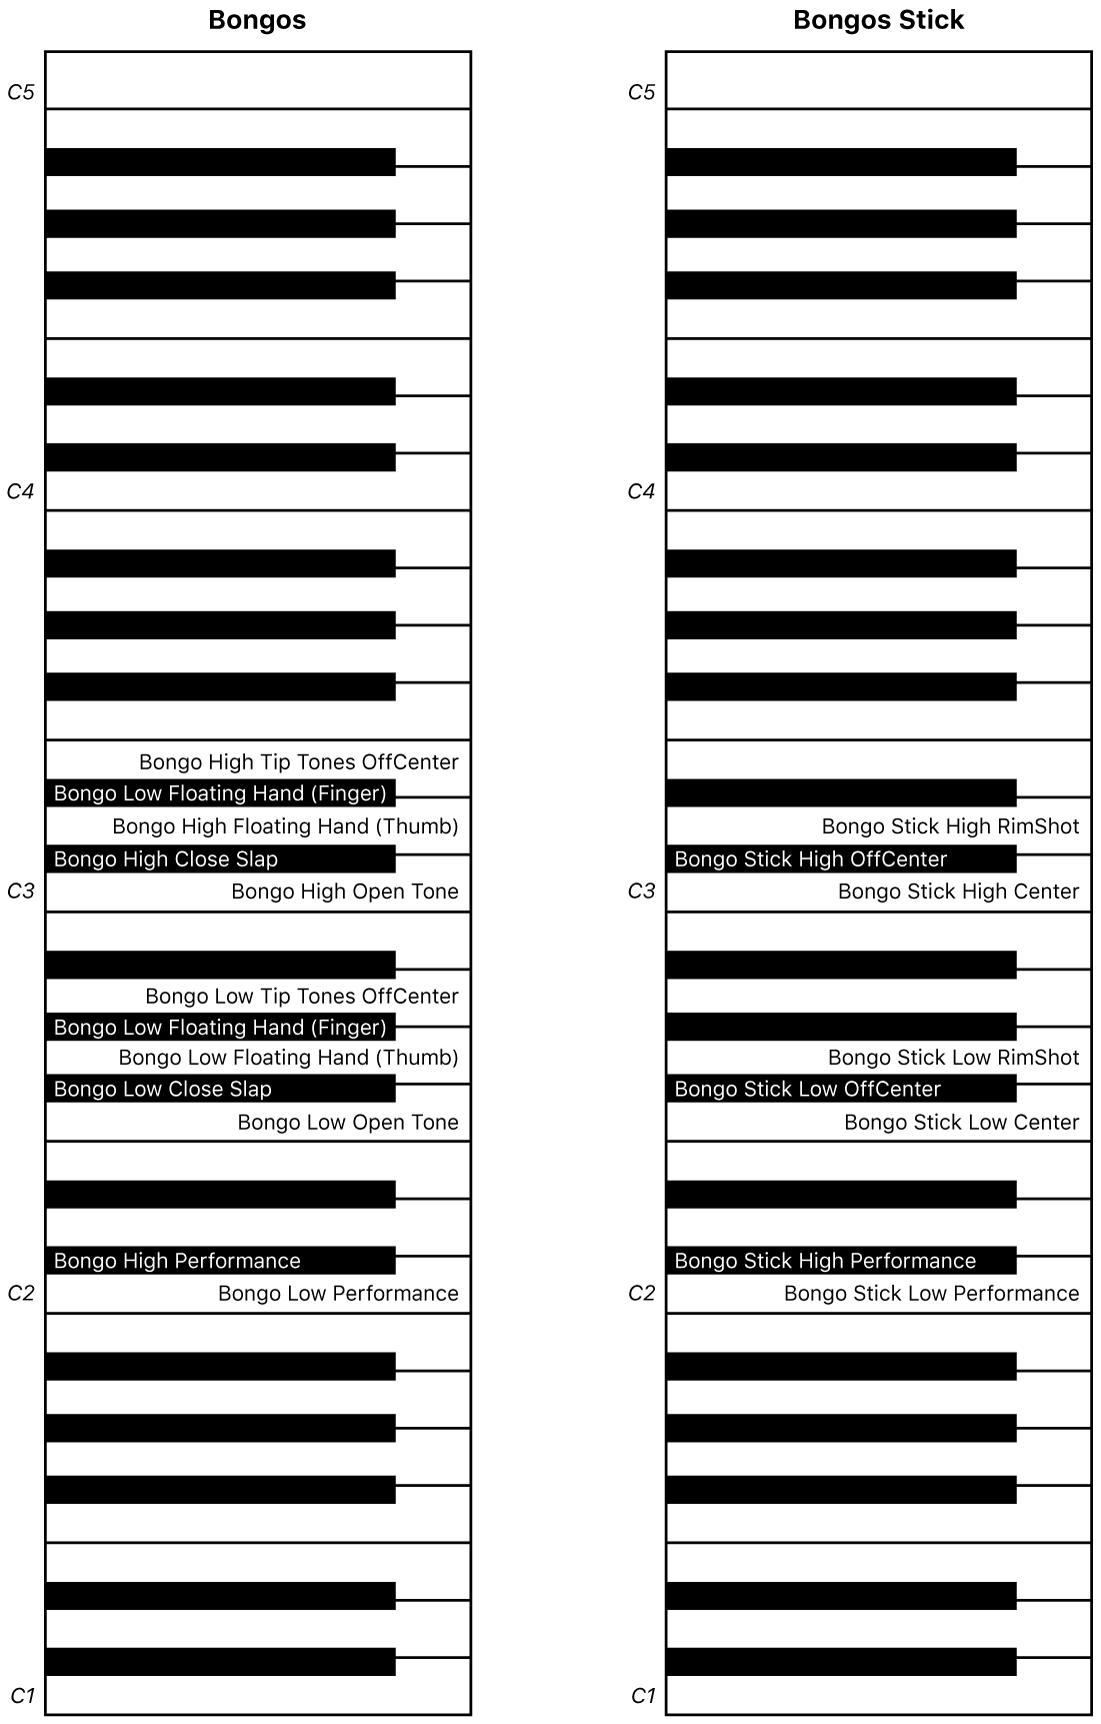 Abbildung. Keyboard-Zuweisung für Bongos- und Bongos Stick-Performance